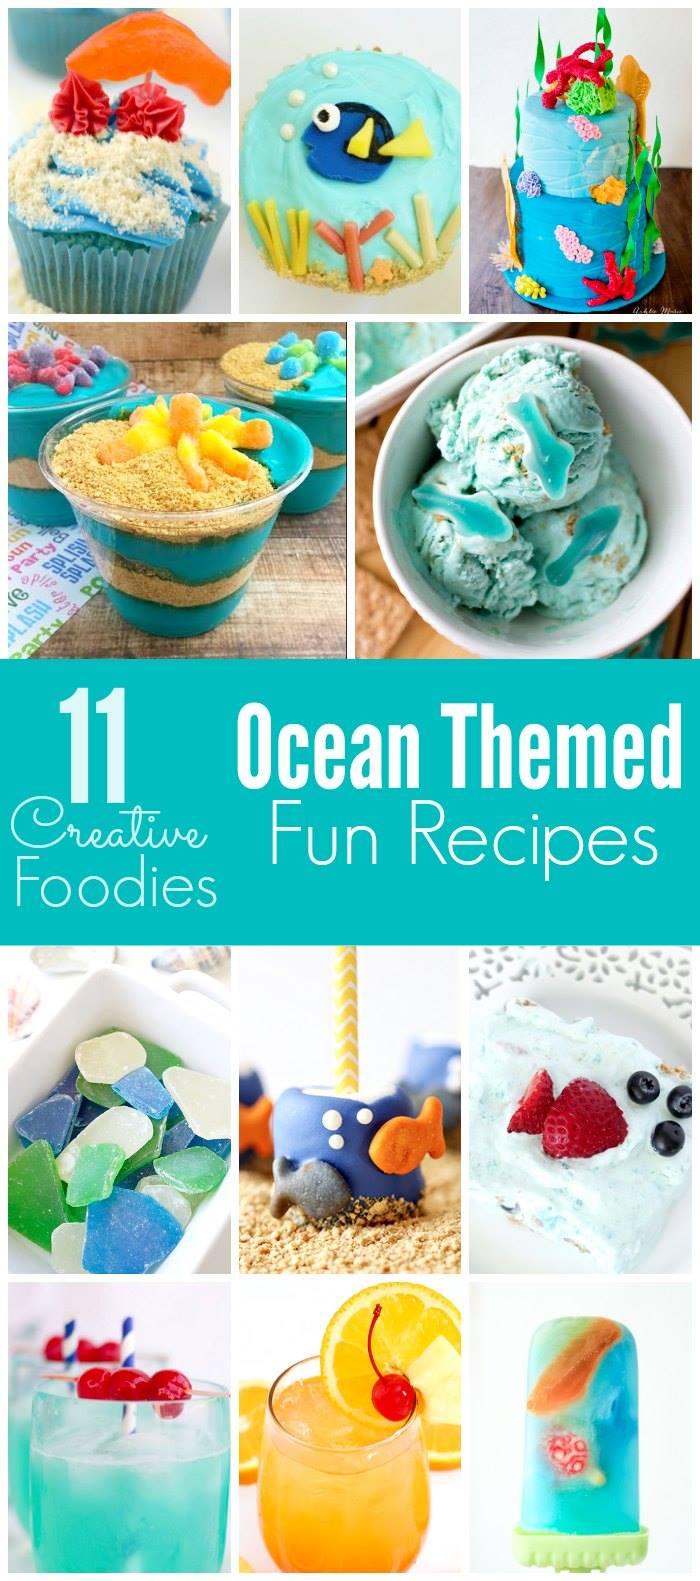 A fun collection of fun Ocean Themed Recipes!